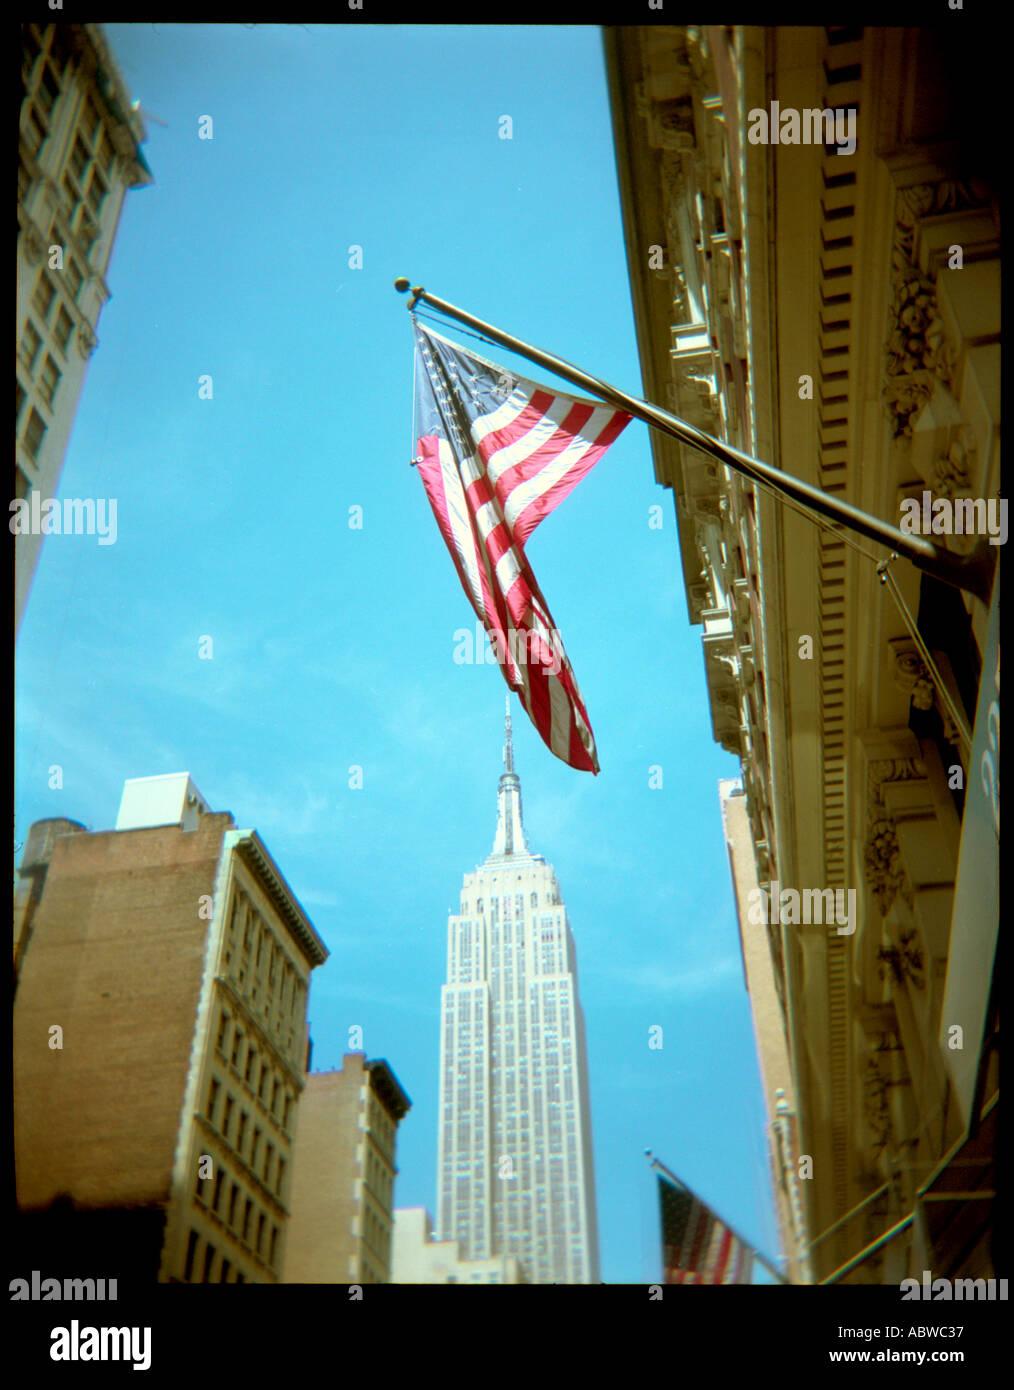 Una bandera estadounidense en la Quinta Avenida de Nueva York. Imagen De Stock